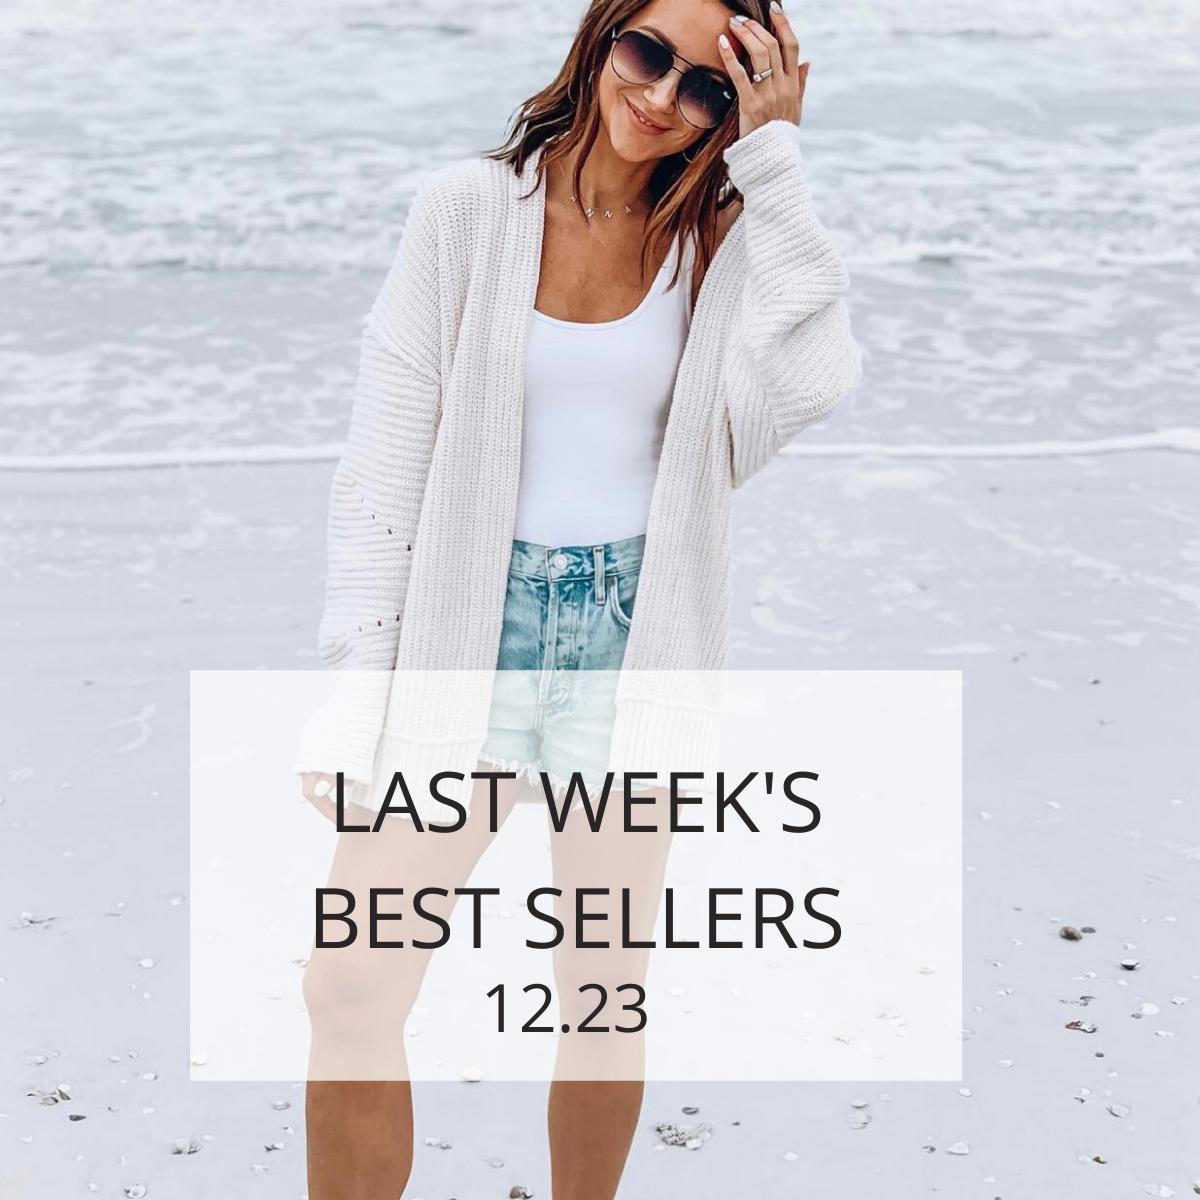 Last Week's Best Sellers 12.23 – Top 10